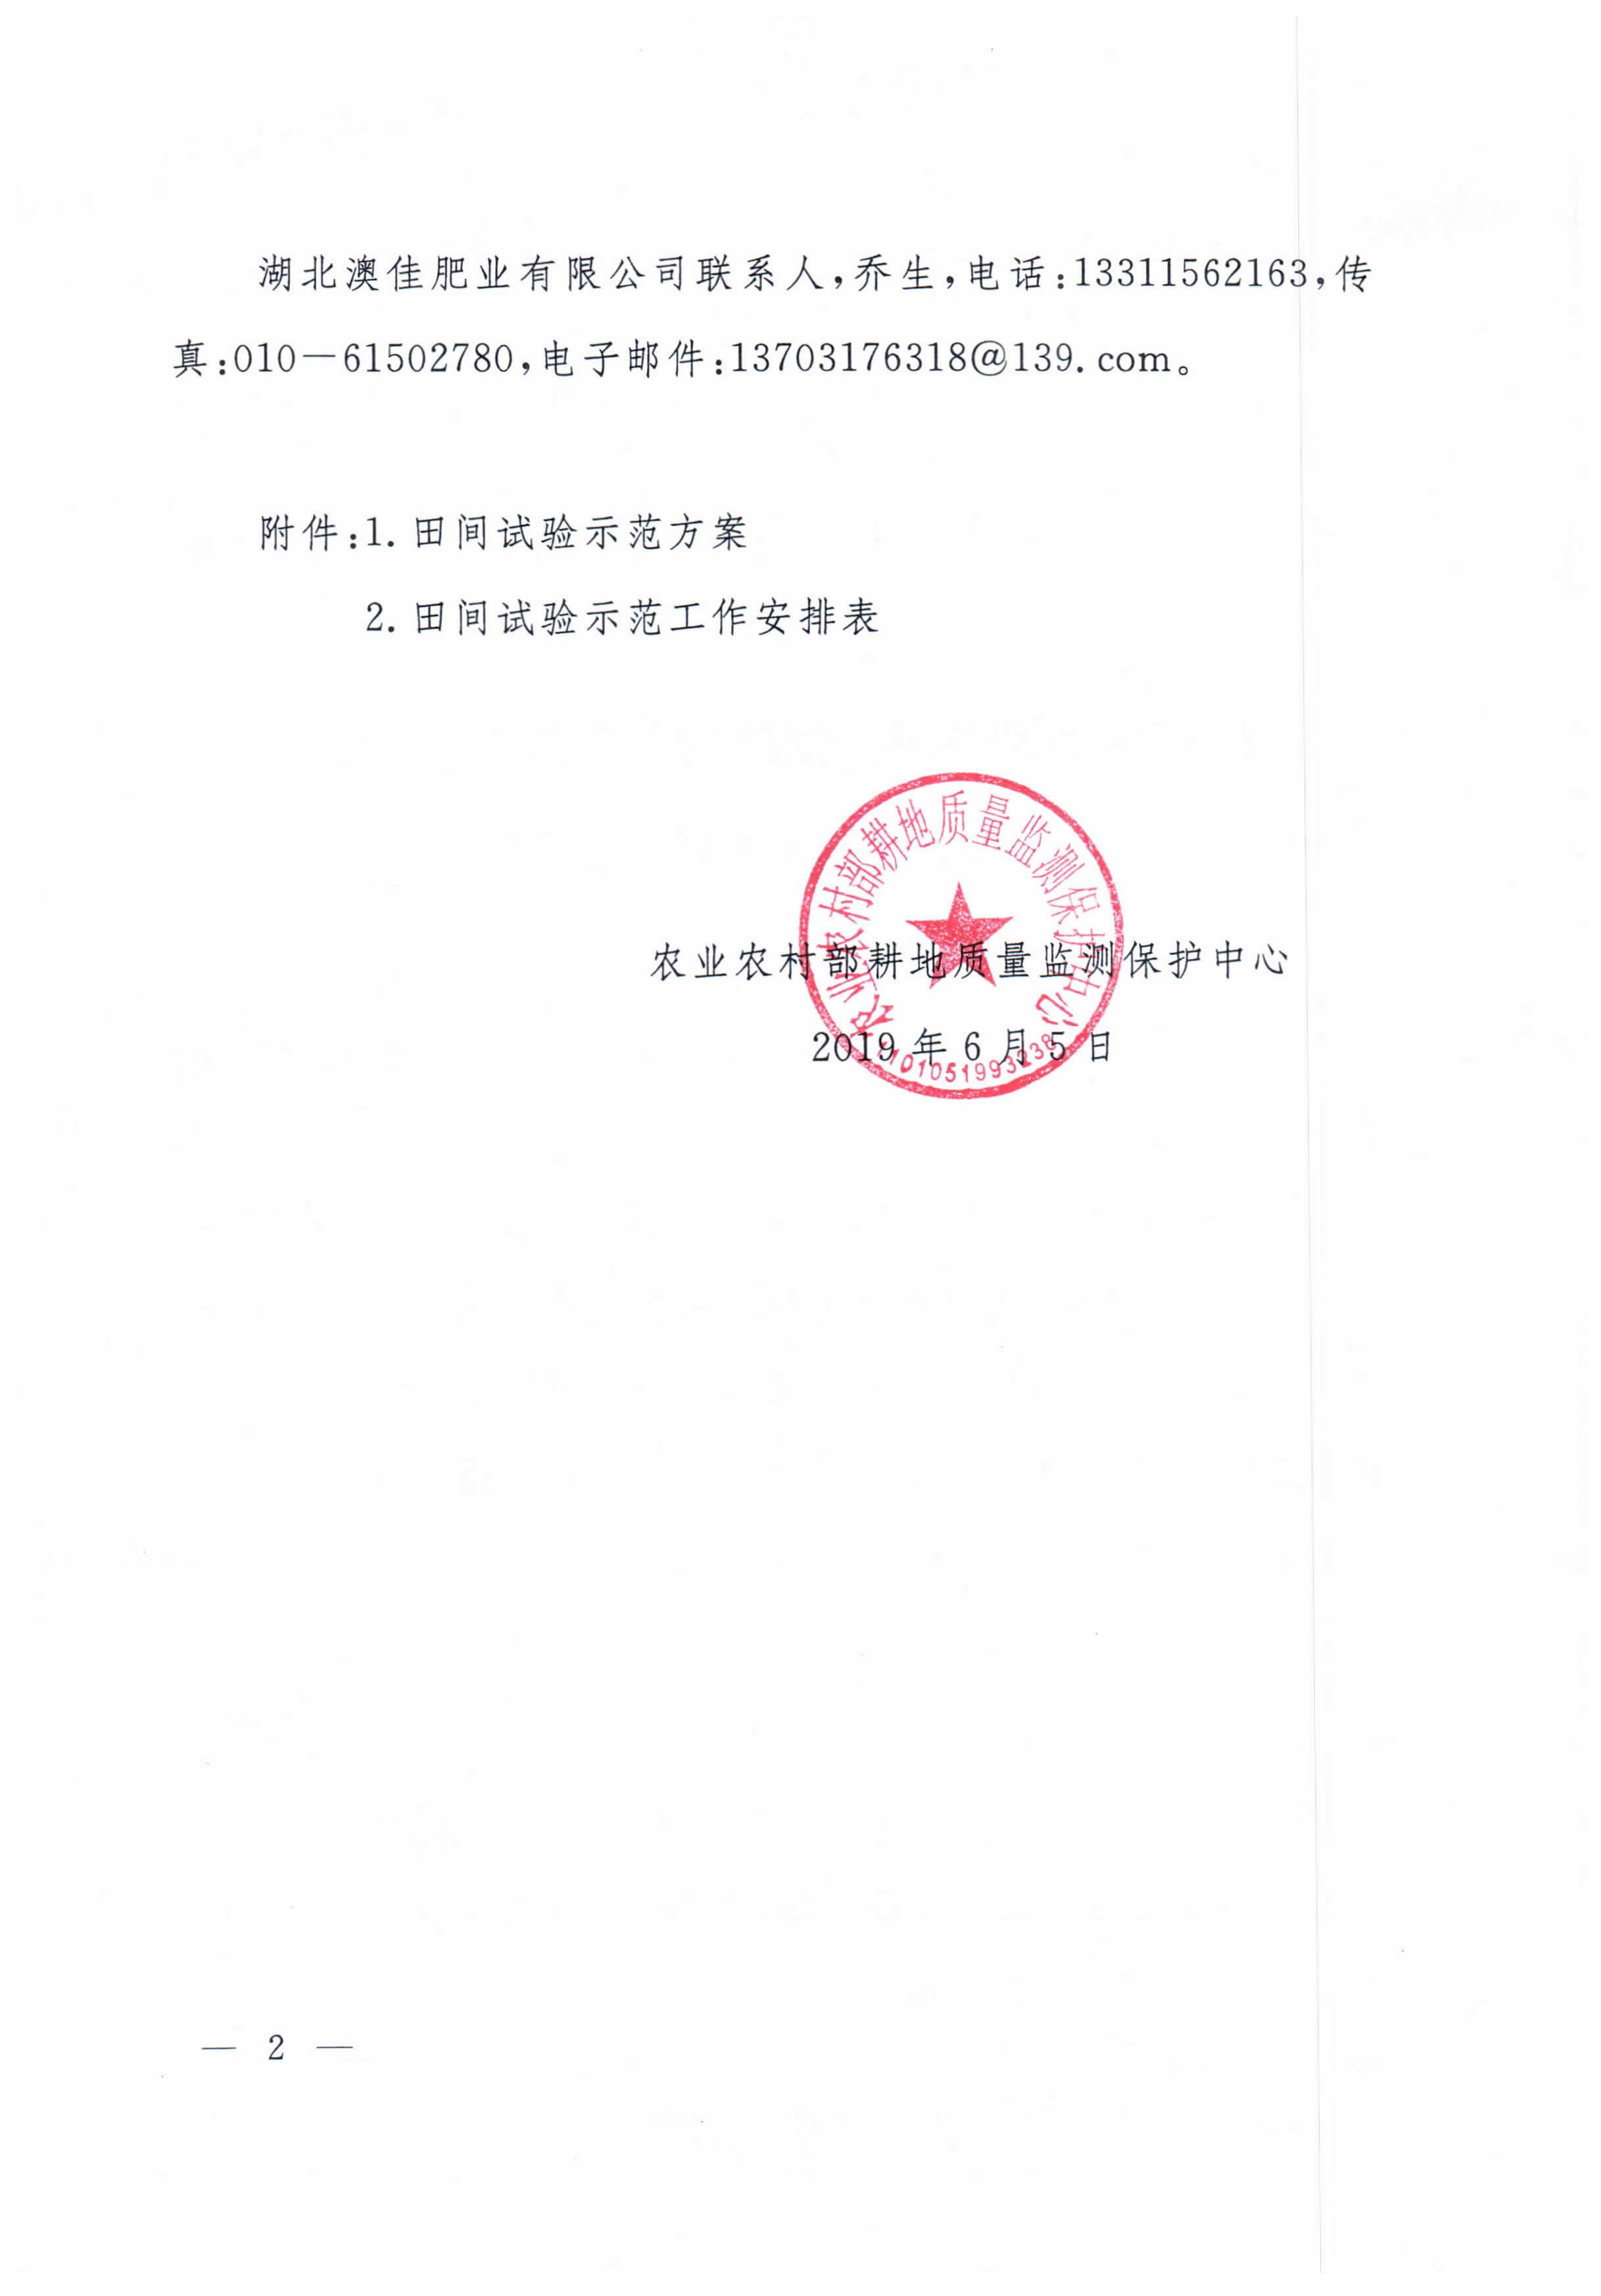 关于开展澳佳生态腐植酸系列产品田间试验示范工作的通知-耕保中心-1_页面_02